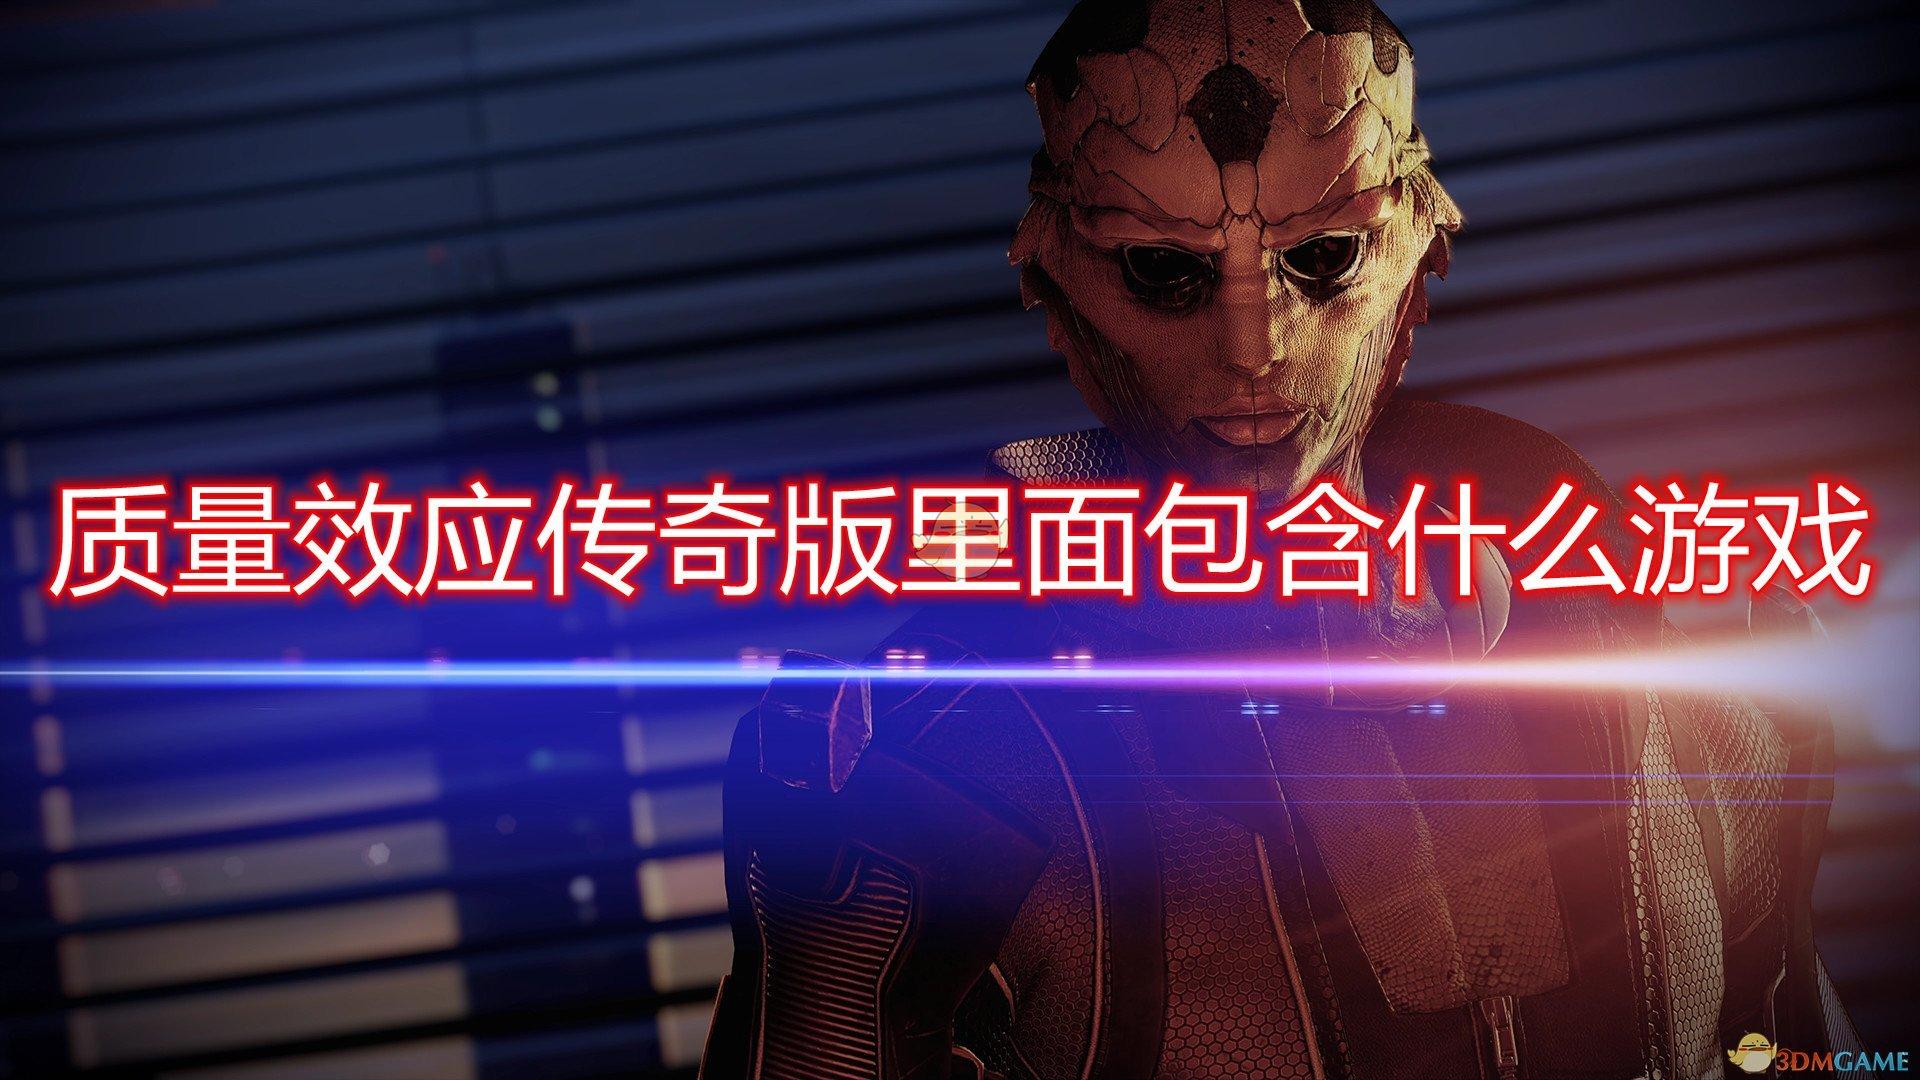 《质量效应:传奇版》游戏包含内容介绍